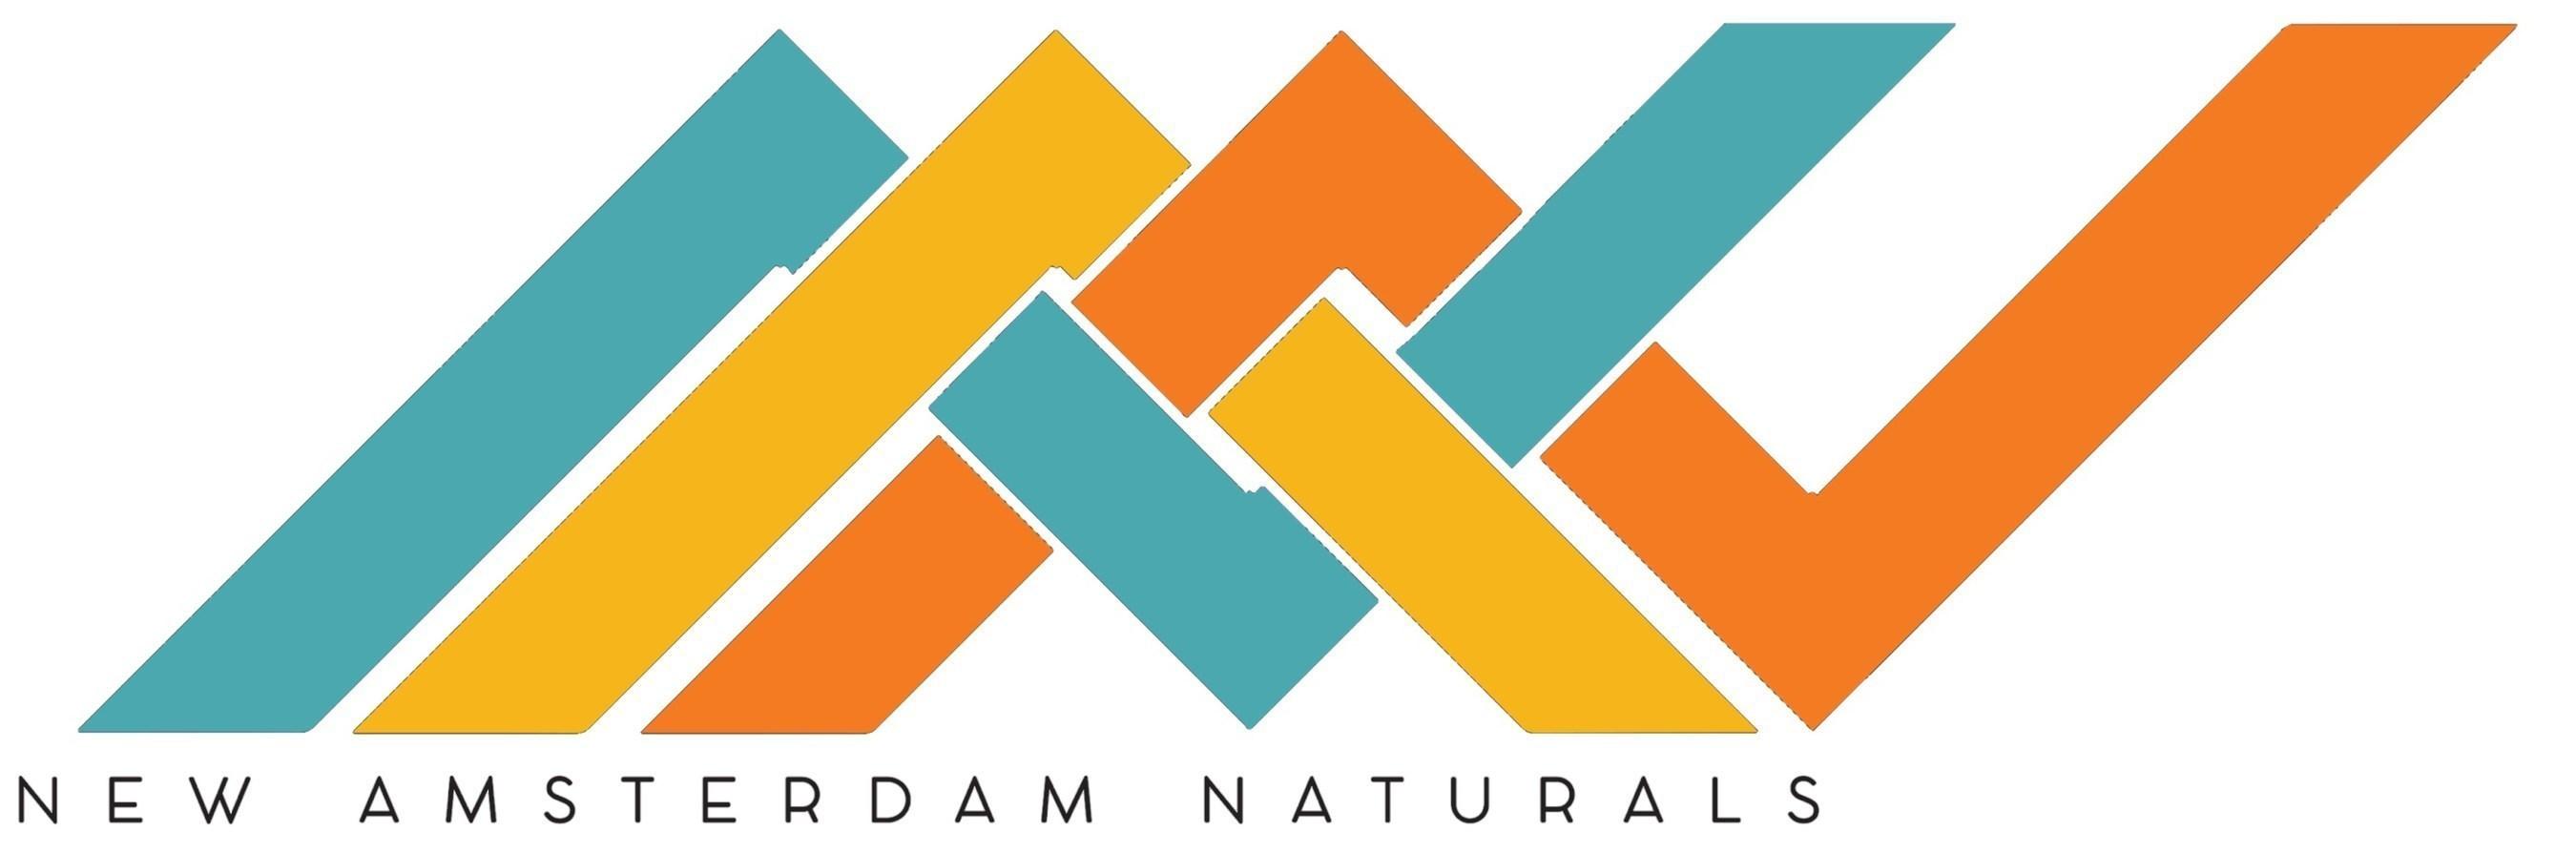 New Amsterdam Naturals-California's Premiere Cannabis Collective. www.nanwla.com